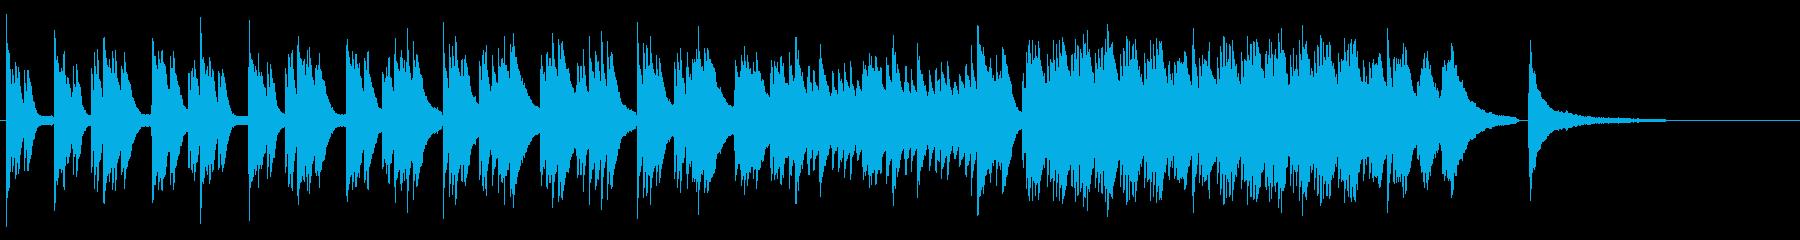 企業VP 爽やかな使いやすいピアノソロの再生済みの波形